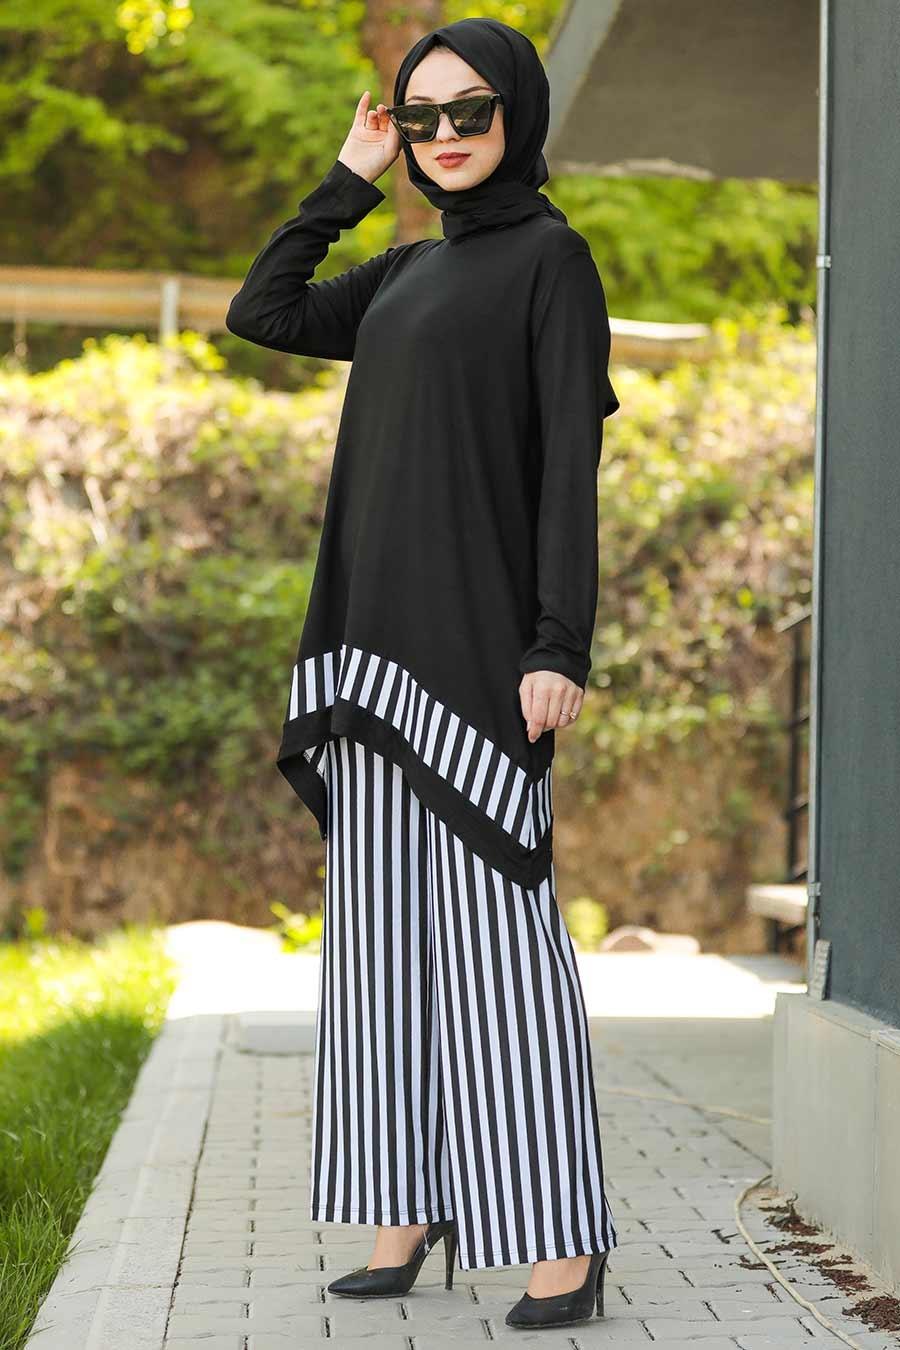 Neva Style - Çizgi Desenli Siyah Tesettür İkili Takım 6147S